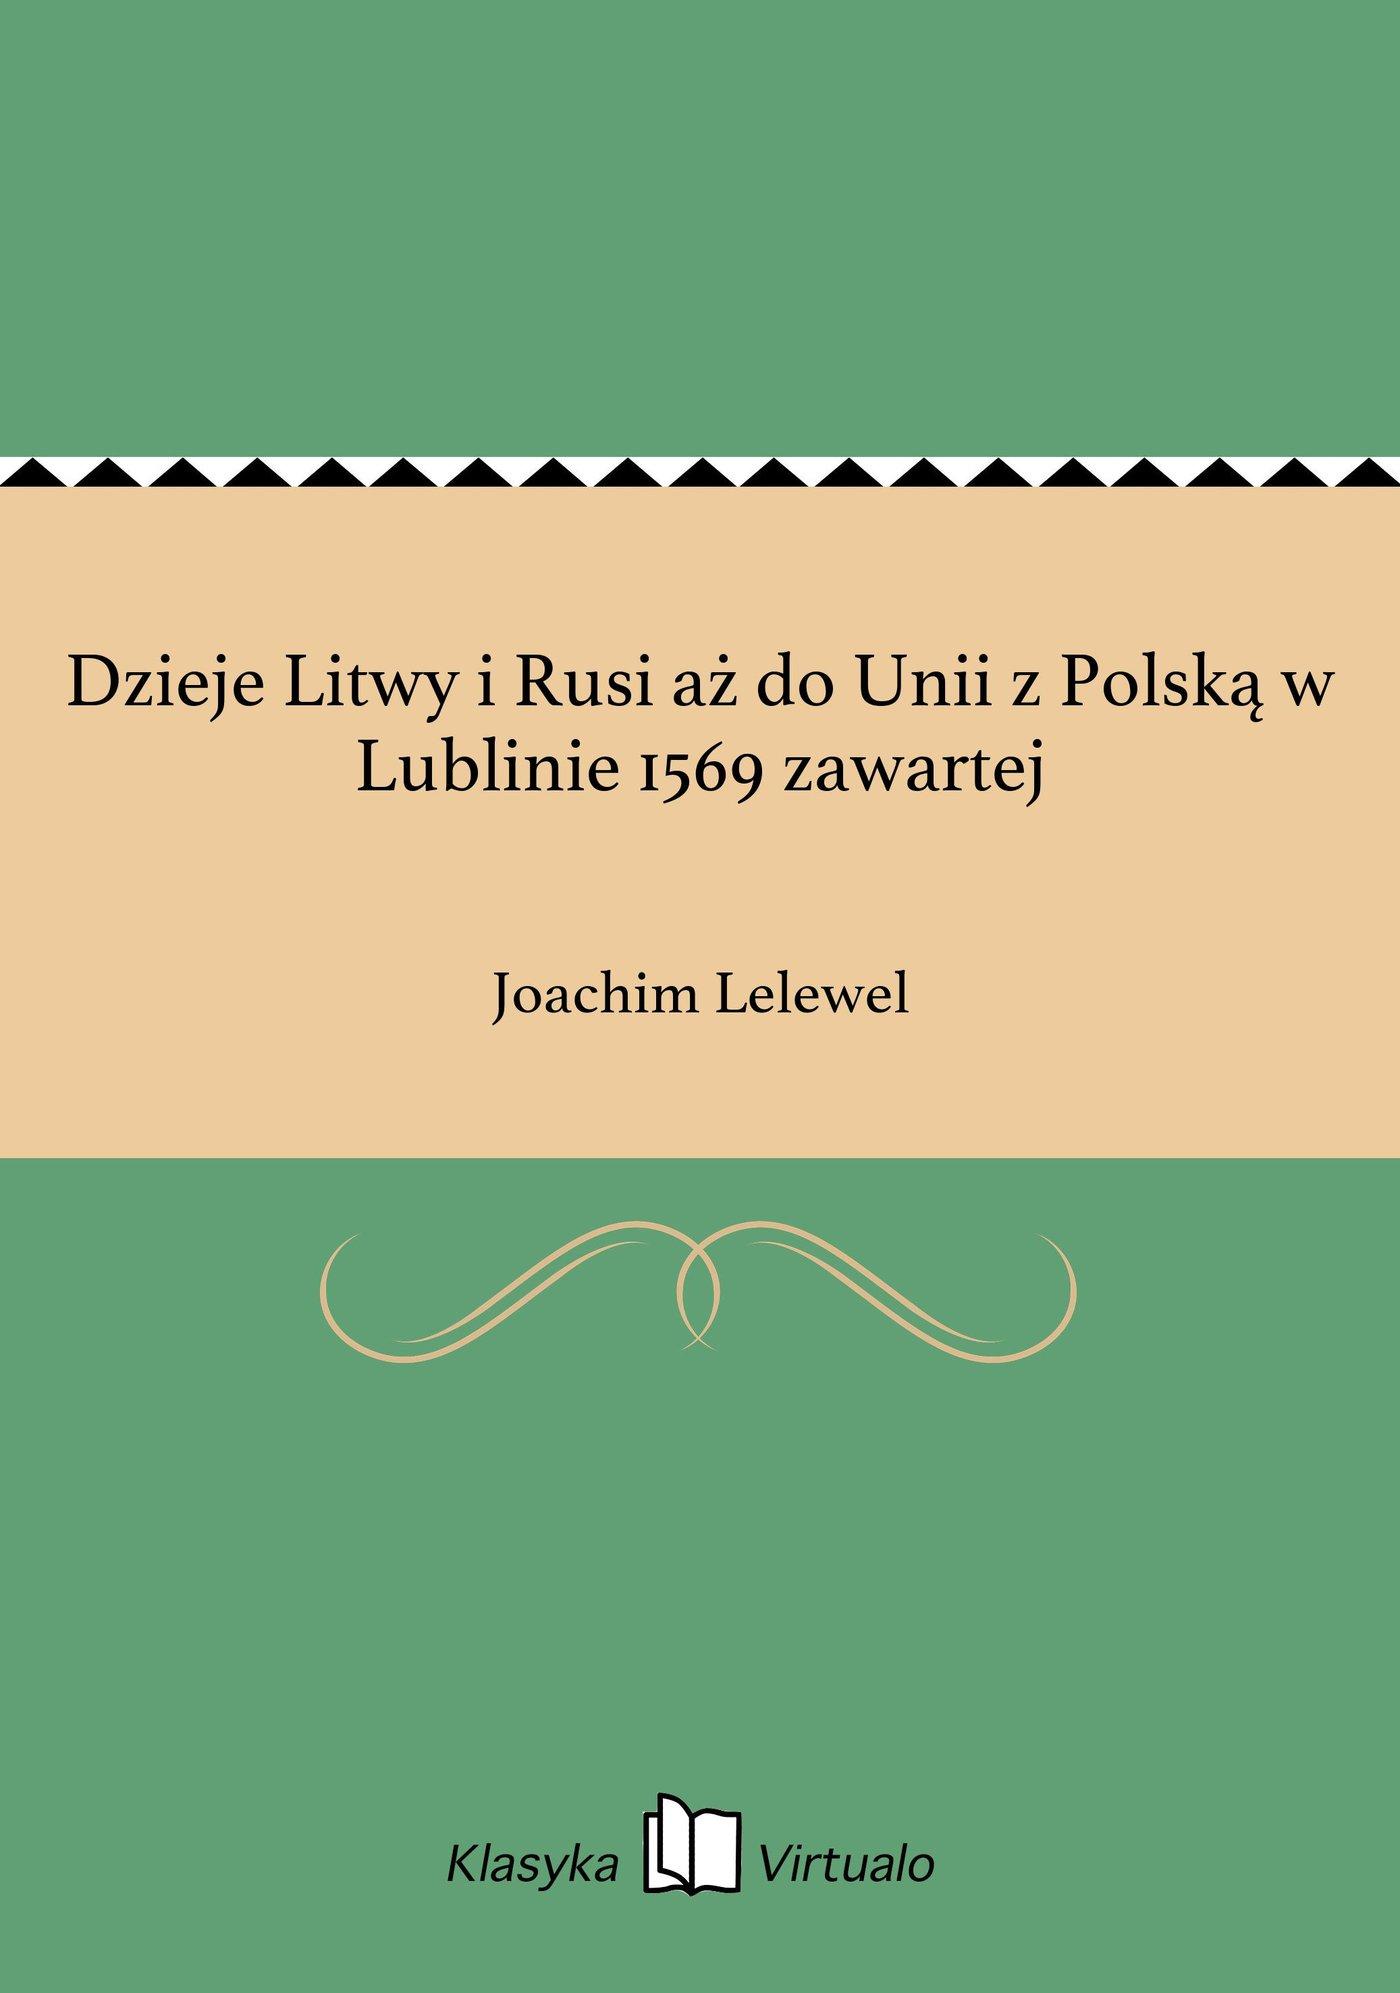 Dzieje Litwy i Rusi aż do Unii z Polską w Lublinie 1569 zawartej - Ebook (Książka na Kindle) do pobrania w formacie MOBI